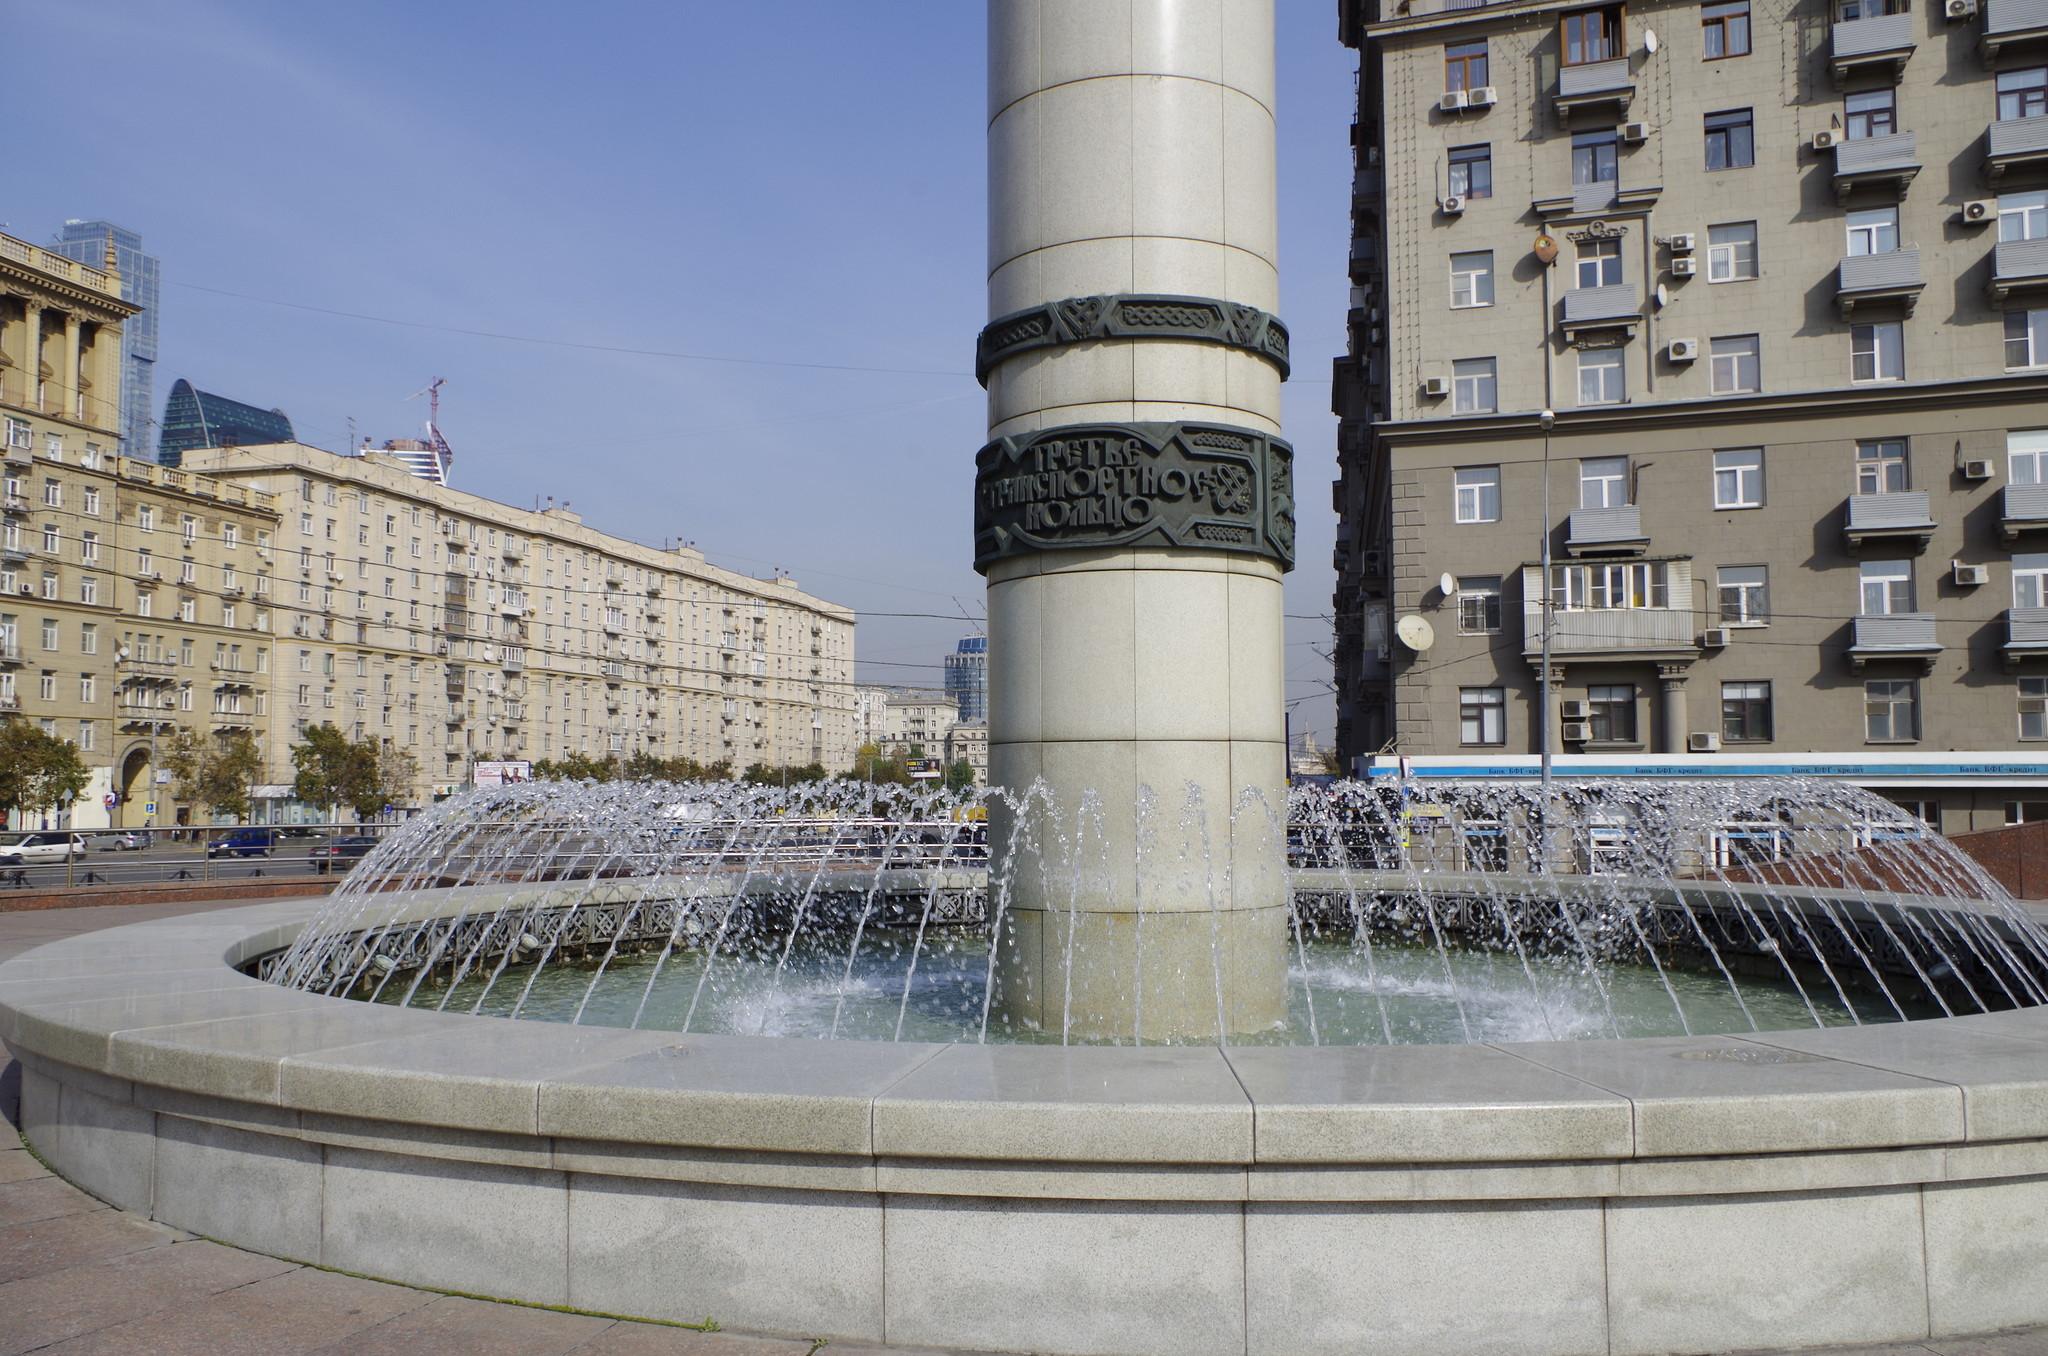 Третье транспортное кольцо (ТТК) - кольцевая автомобильная дорога в Москве